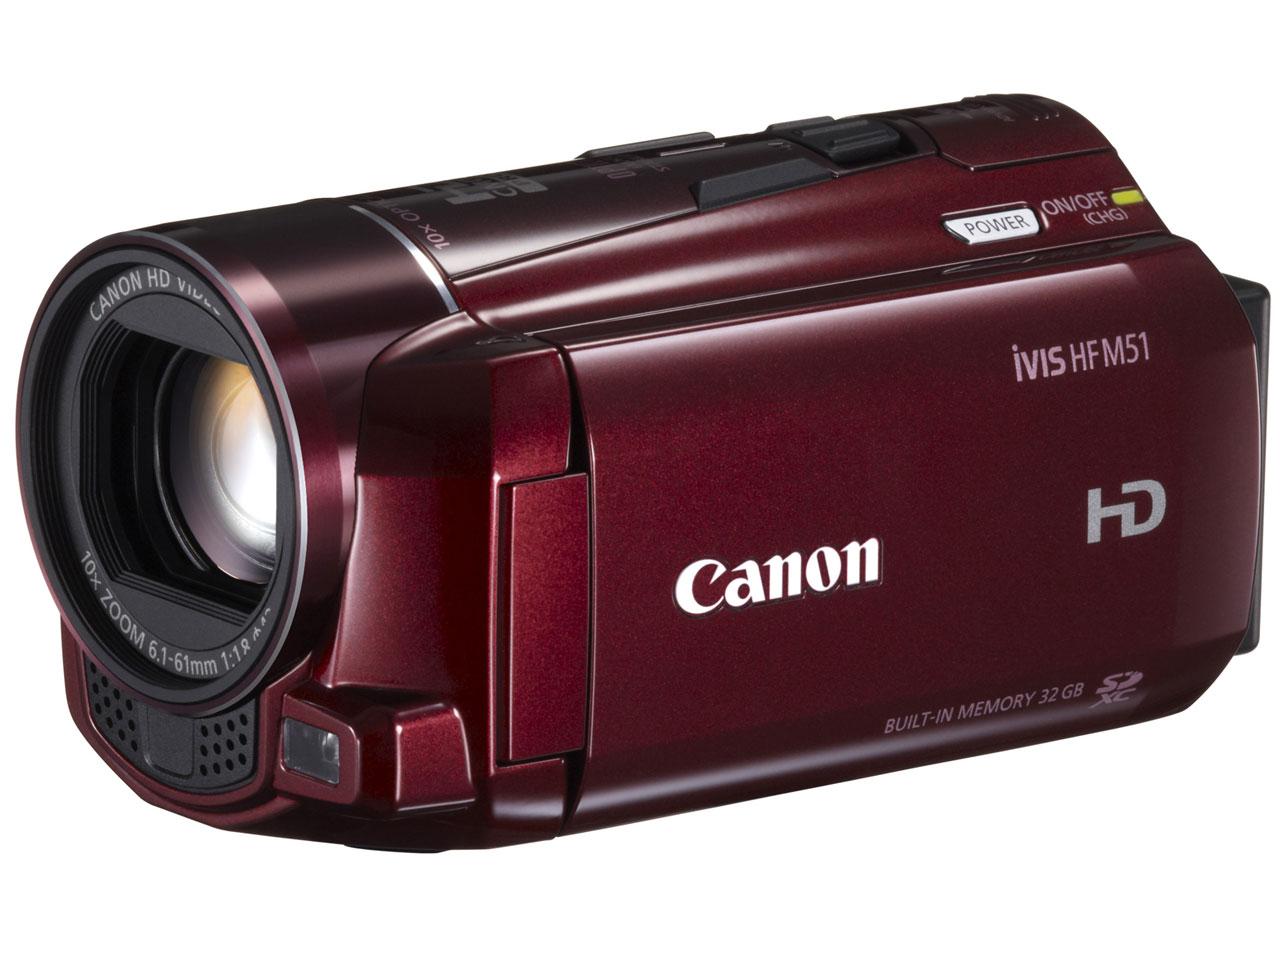 iVIS HF M51 [レッド] の製品画像